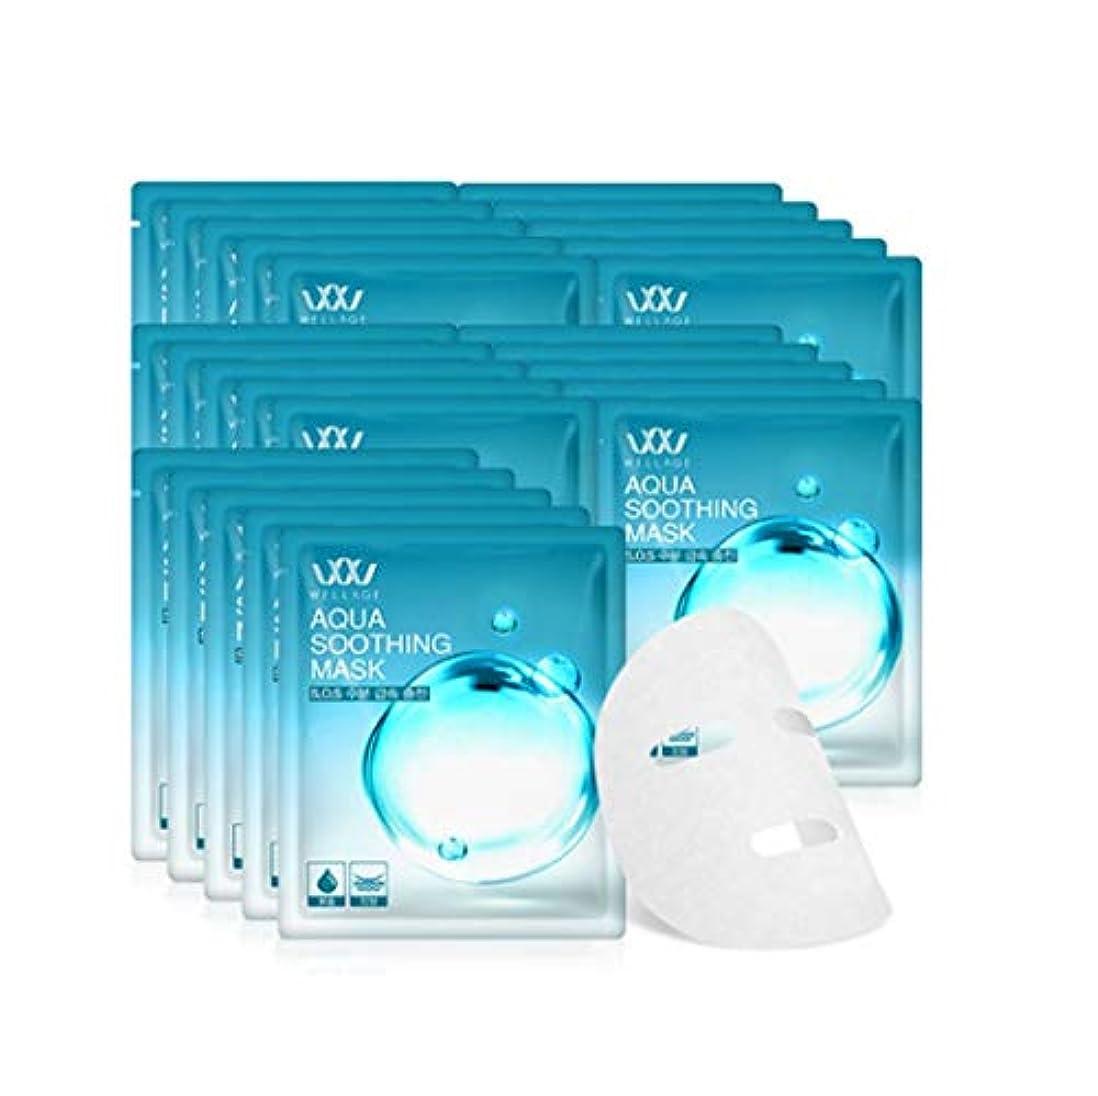 画面習熟度平凡WELLAGE Aqua Soothing Mask Sheet 25枚 S.O.S水分急速充電マスクパック(海外直送品)